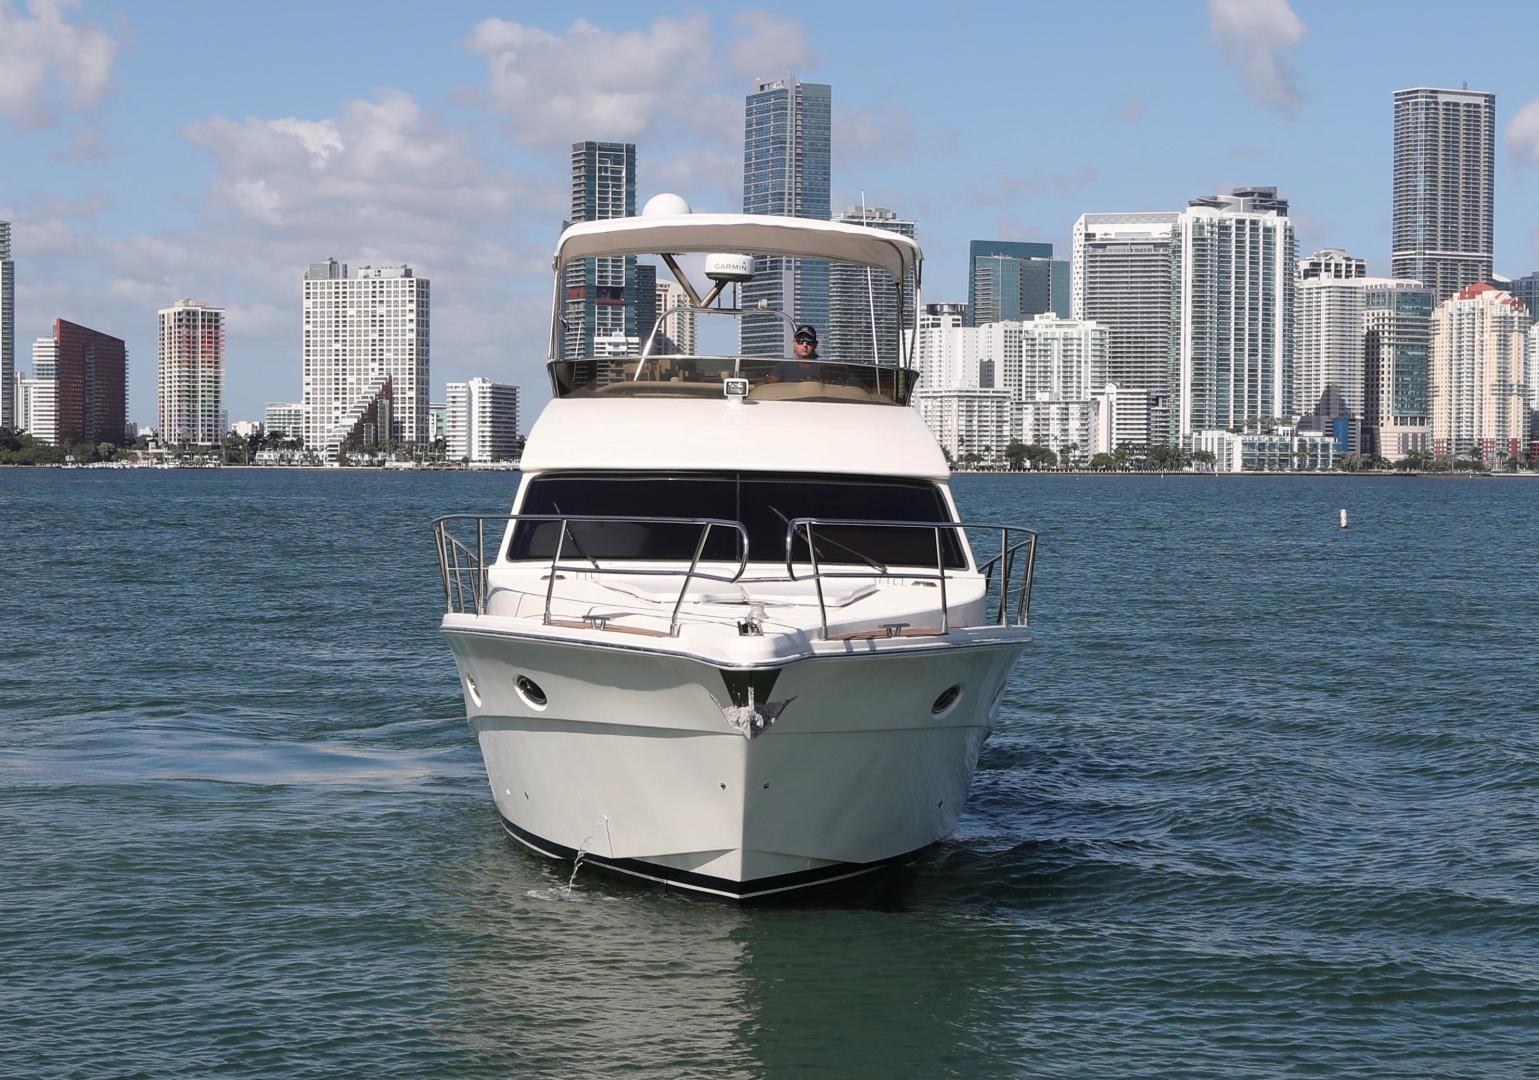 Rodman-Flybridge 2004-La Meli Miami Beach-Florida-United States-1566545 | Thumbnail